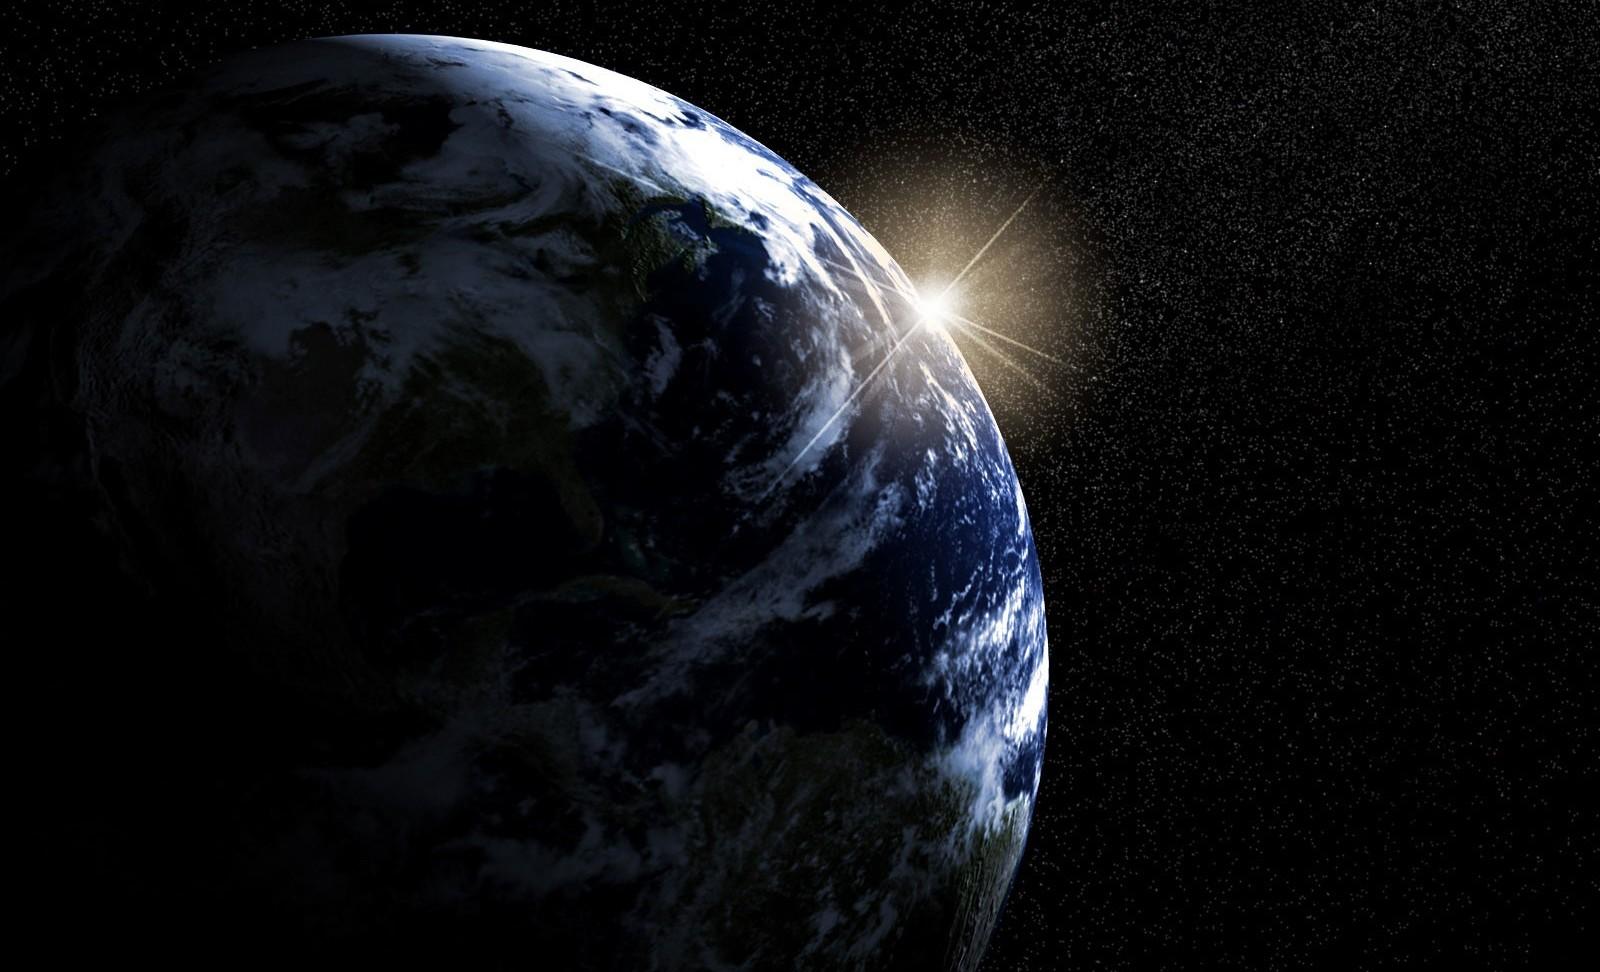 СМИ: «Конец света», в результате которого Земля погрузится во тьму